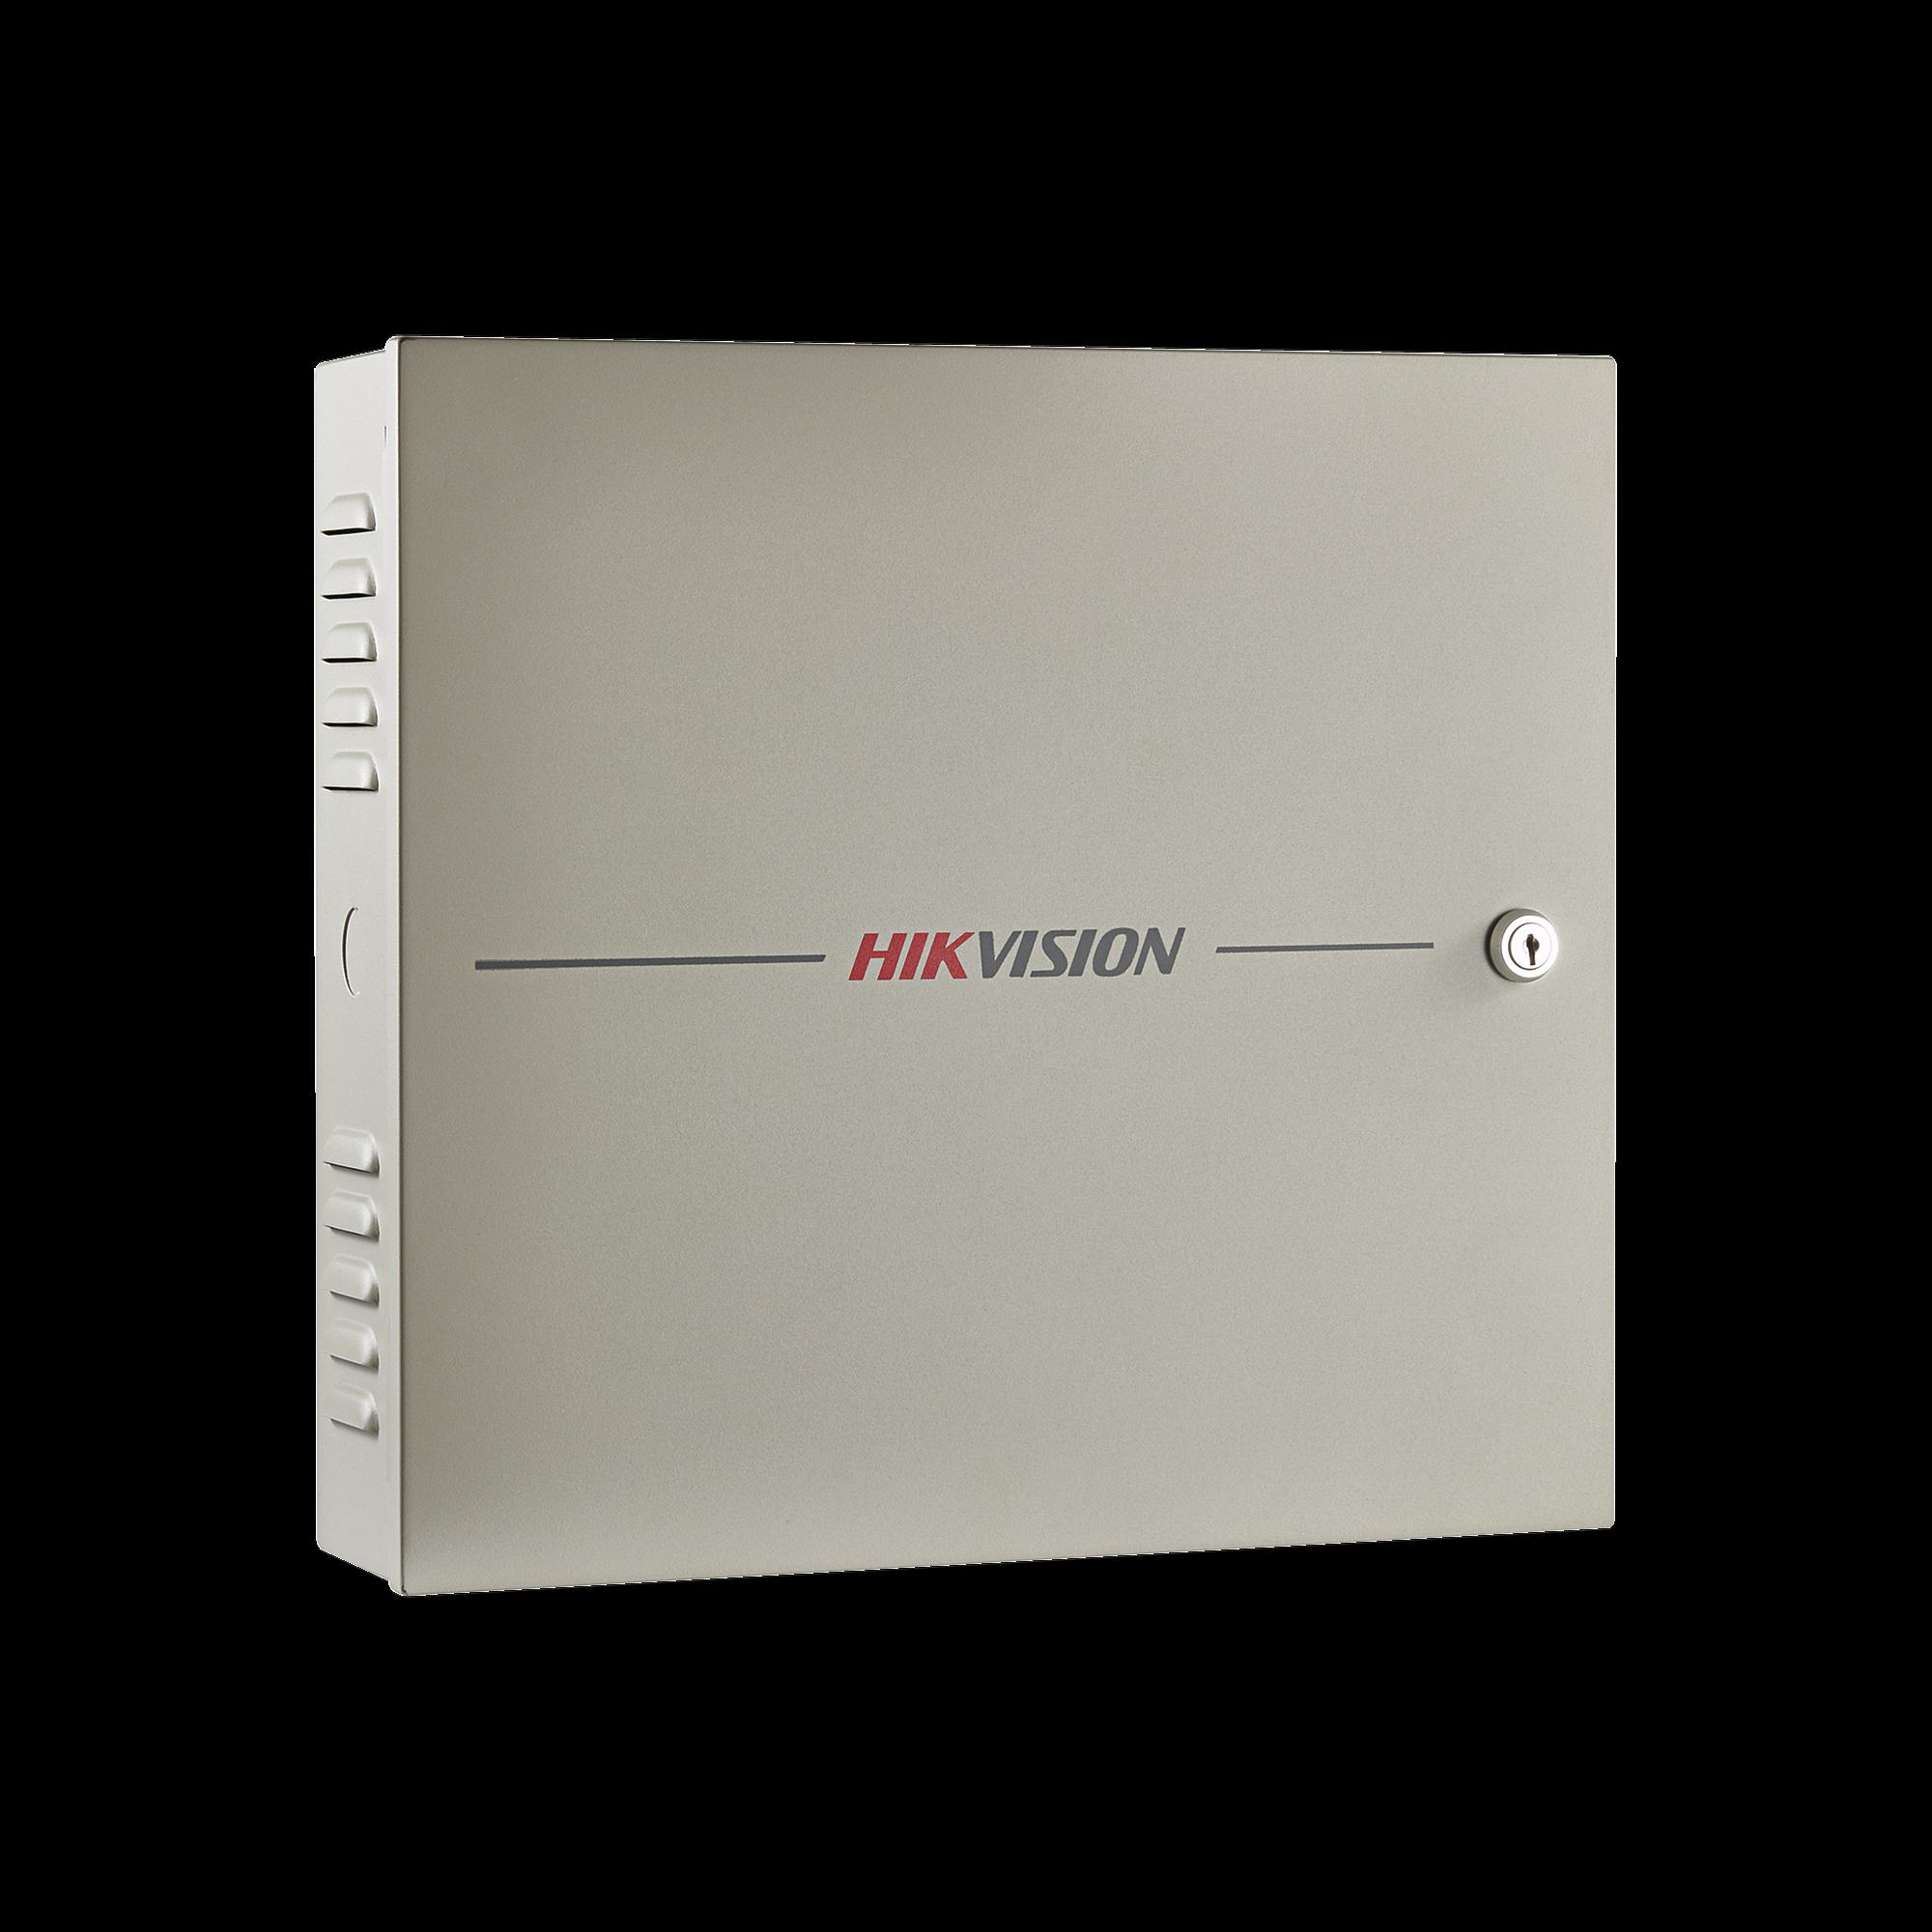 Controlador de Acceso / 4 Puerta / 8 Lectores Huella y Tarjeta / Integracion con Video / 100,000 Tarjetas / Incluye Gabinete y Fuente de Alimentacion 12VCD/8A / Soporta bateria de respaldo